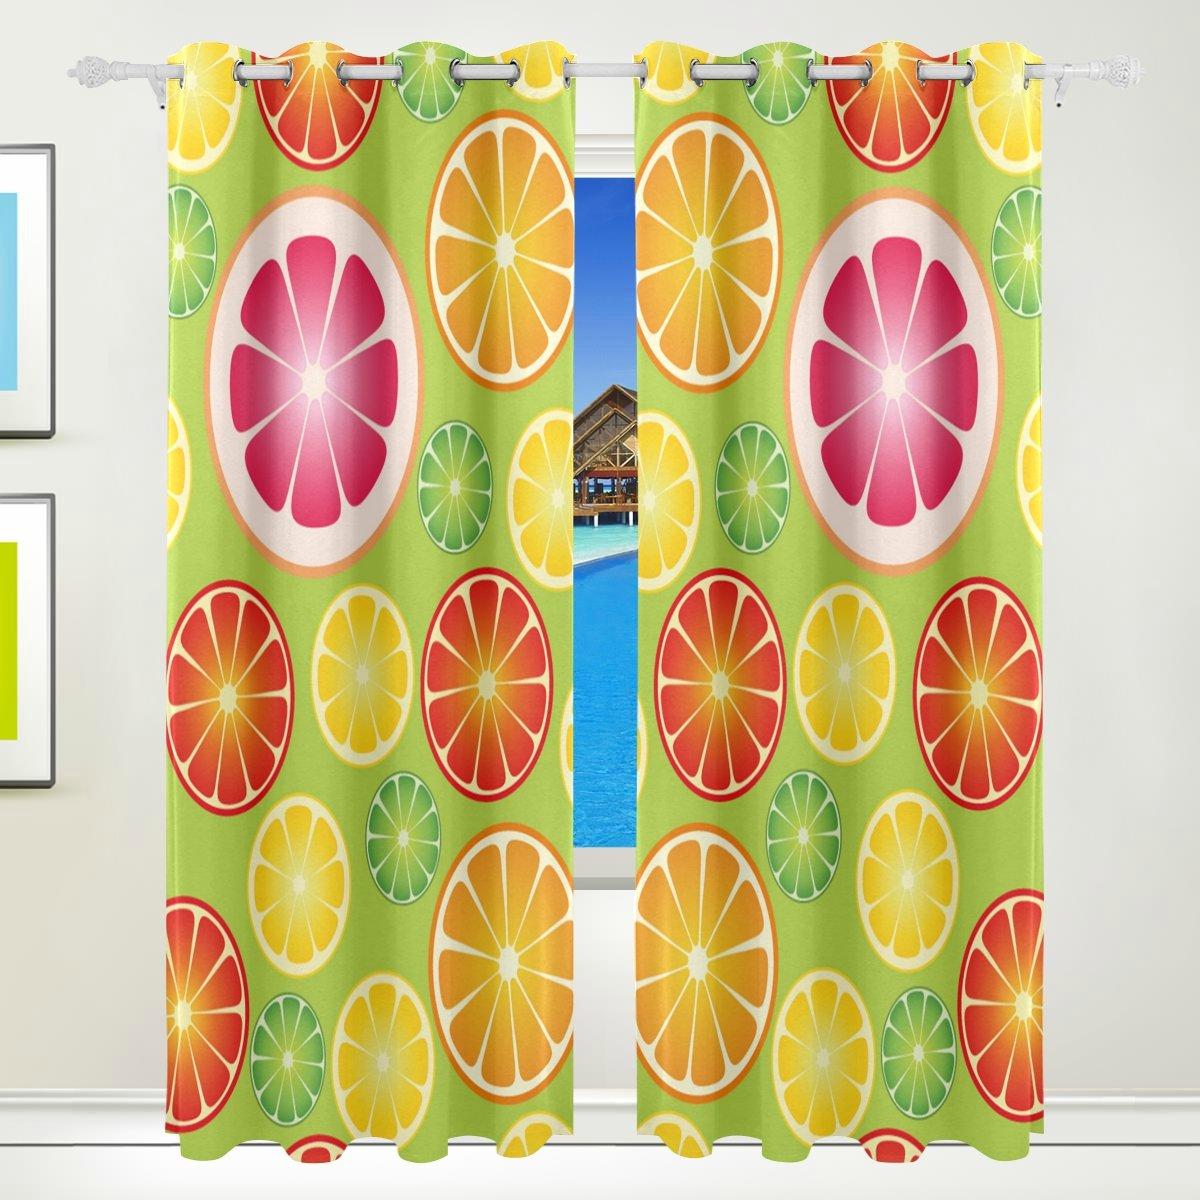 Vantaso Light Shading Window Curtains Fresh Fruit Lemon Orange Slice Seamless Polyester 2 Pannels for Kids Girls Boys Bedroom Living Room 84 inch x 55 inch